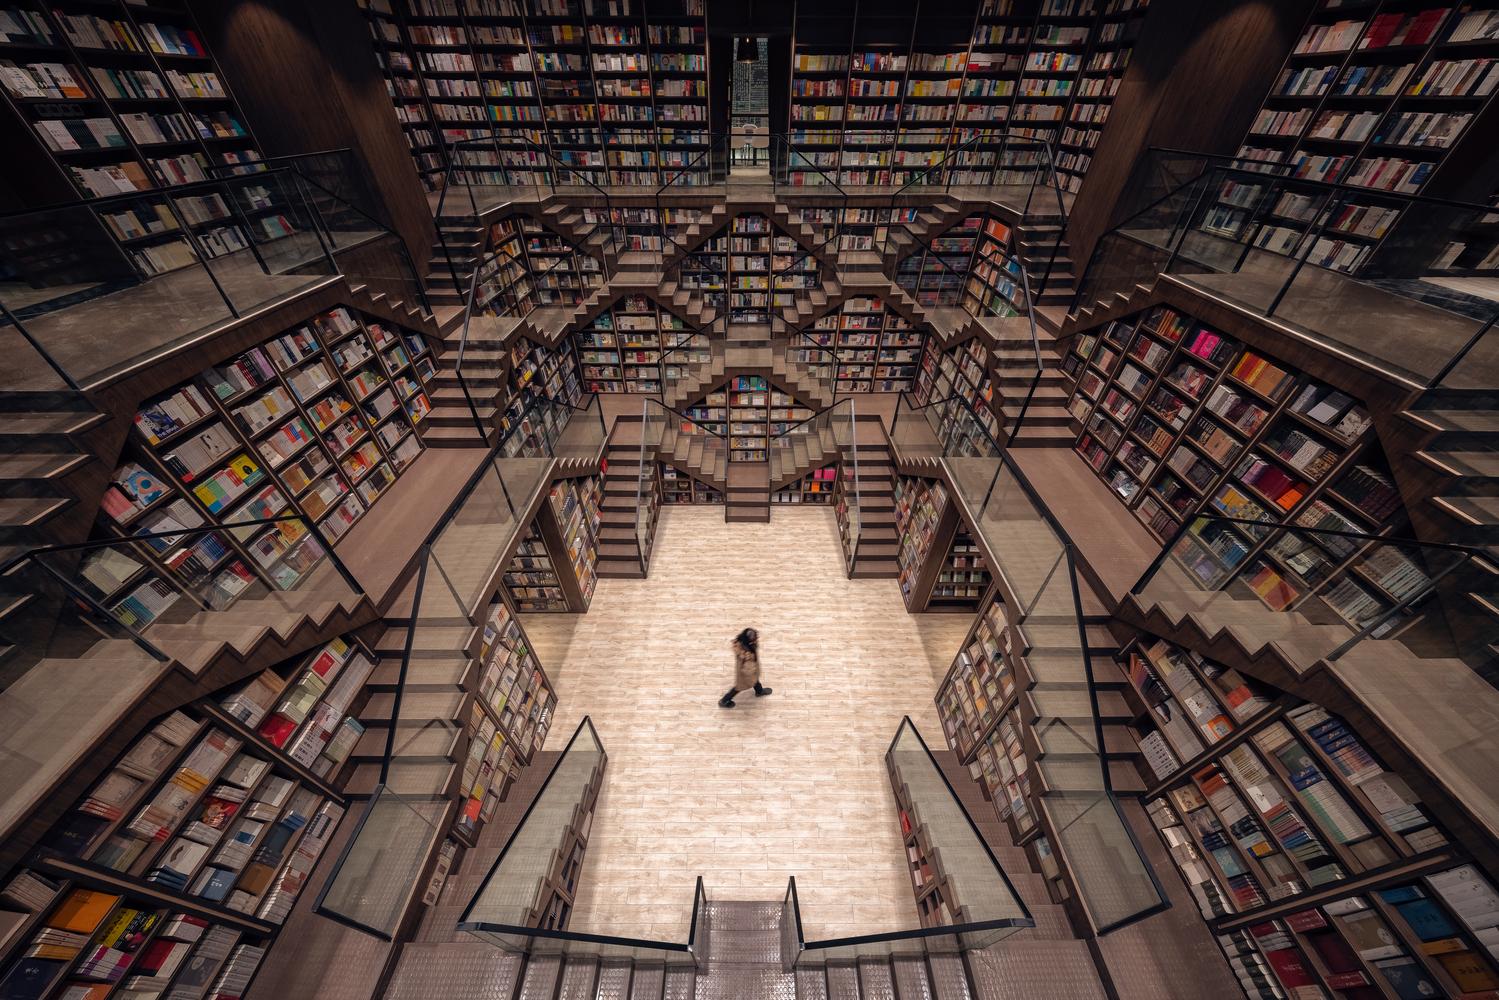 Chongqing Zhongshuge Bookstore / X+Living